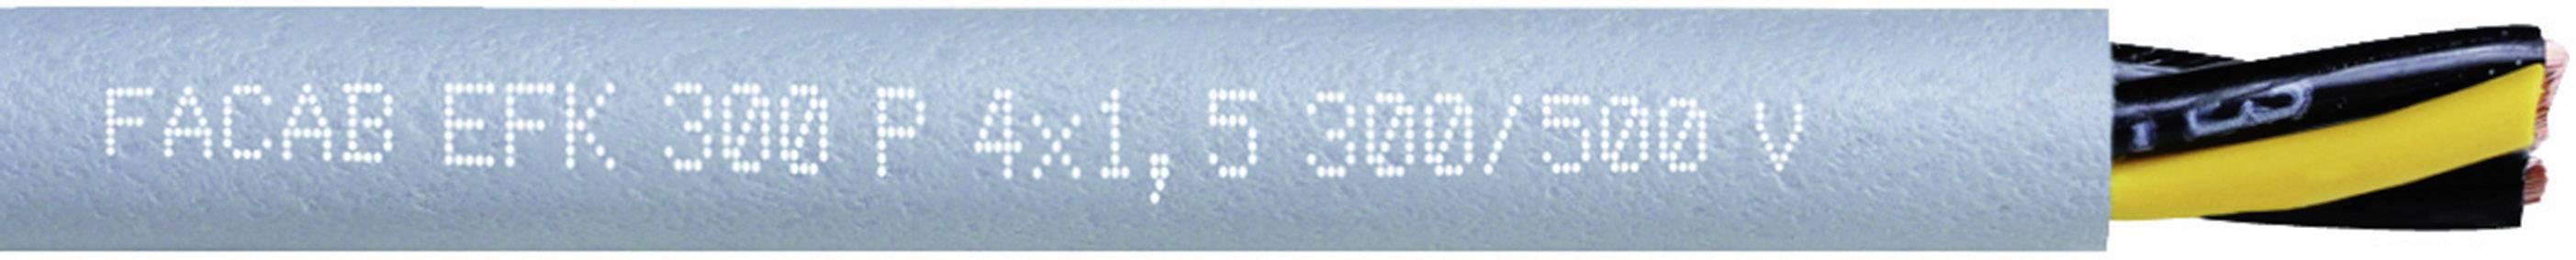 Tažný kabel Faber Kabel EFK 300 P AD300 - SCHLEPPLTG. TPE/PUR (031585), 3x 2,5 mm², polyurethan, Ø 8,2 mm, nes